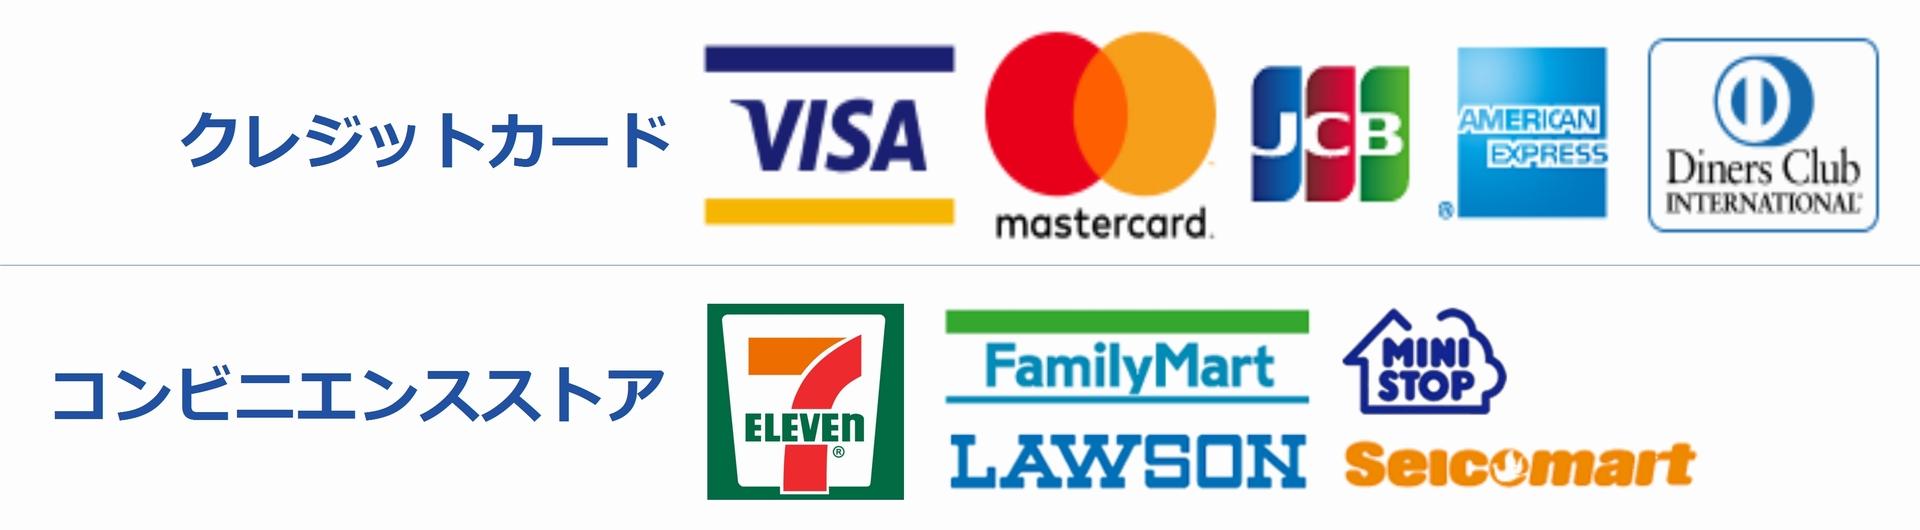 お支払いはクレジットカードまたはコンビニエンスストアで!